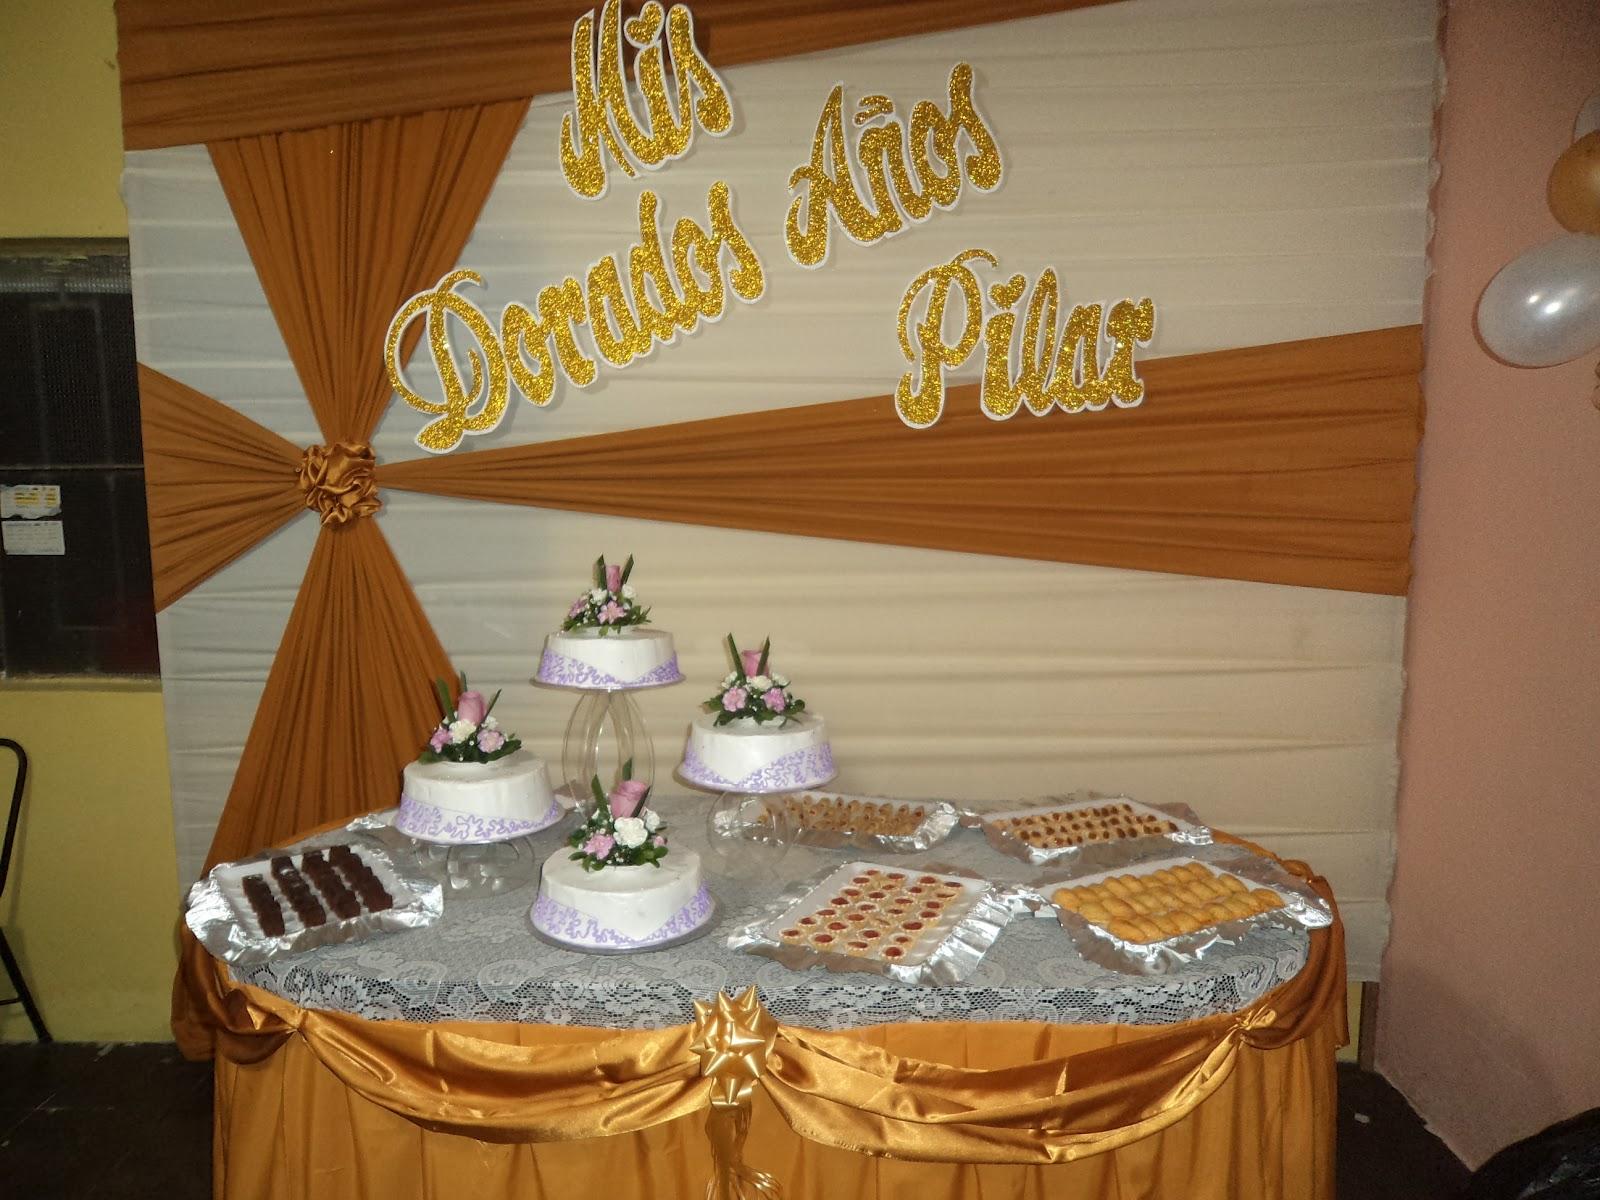 Tortas y decoraciones aryma lindos 50 a os for Decoracion con globos 50 anos